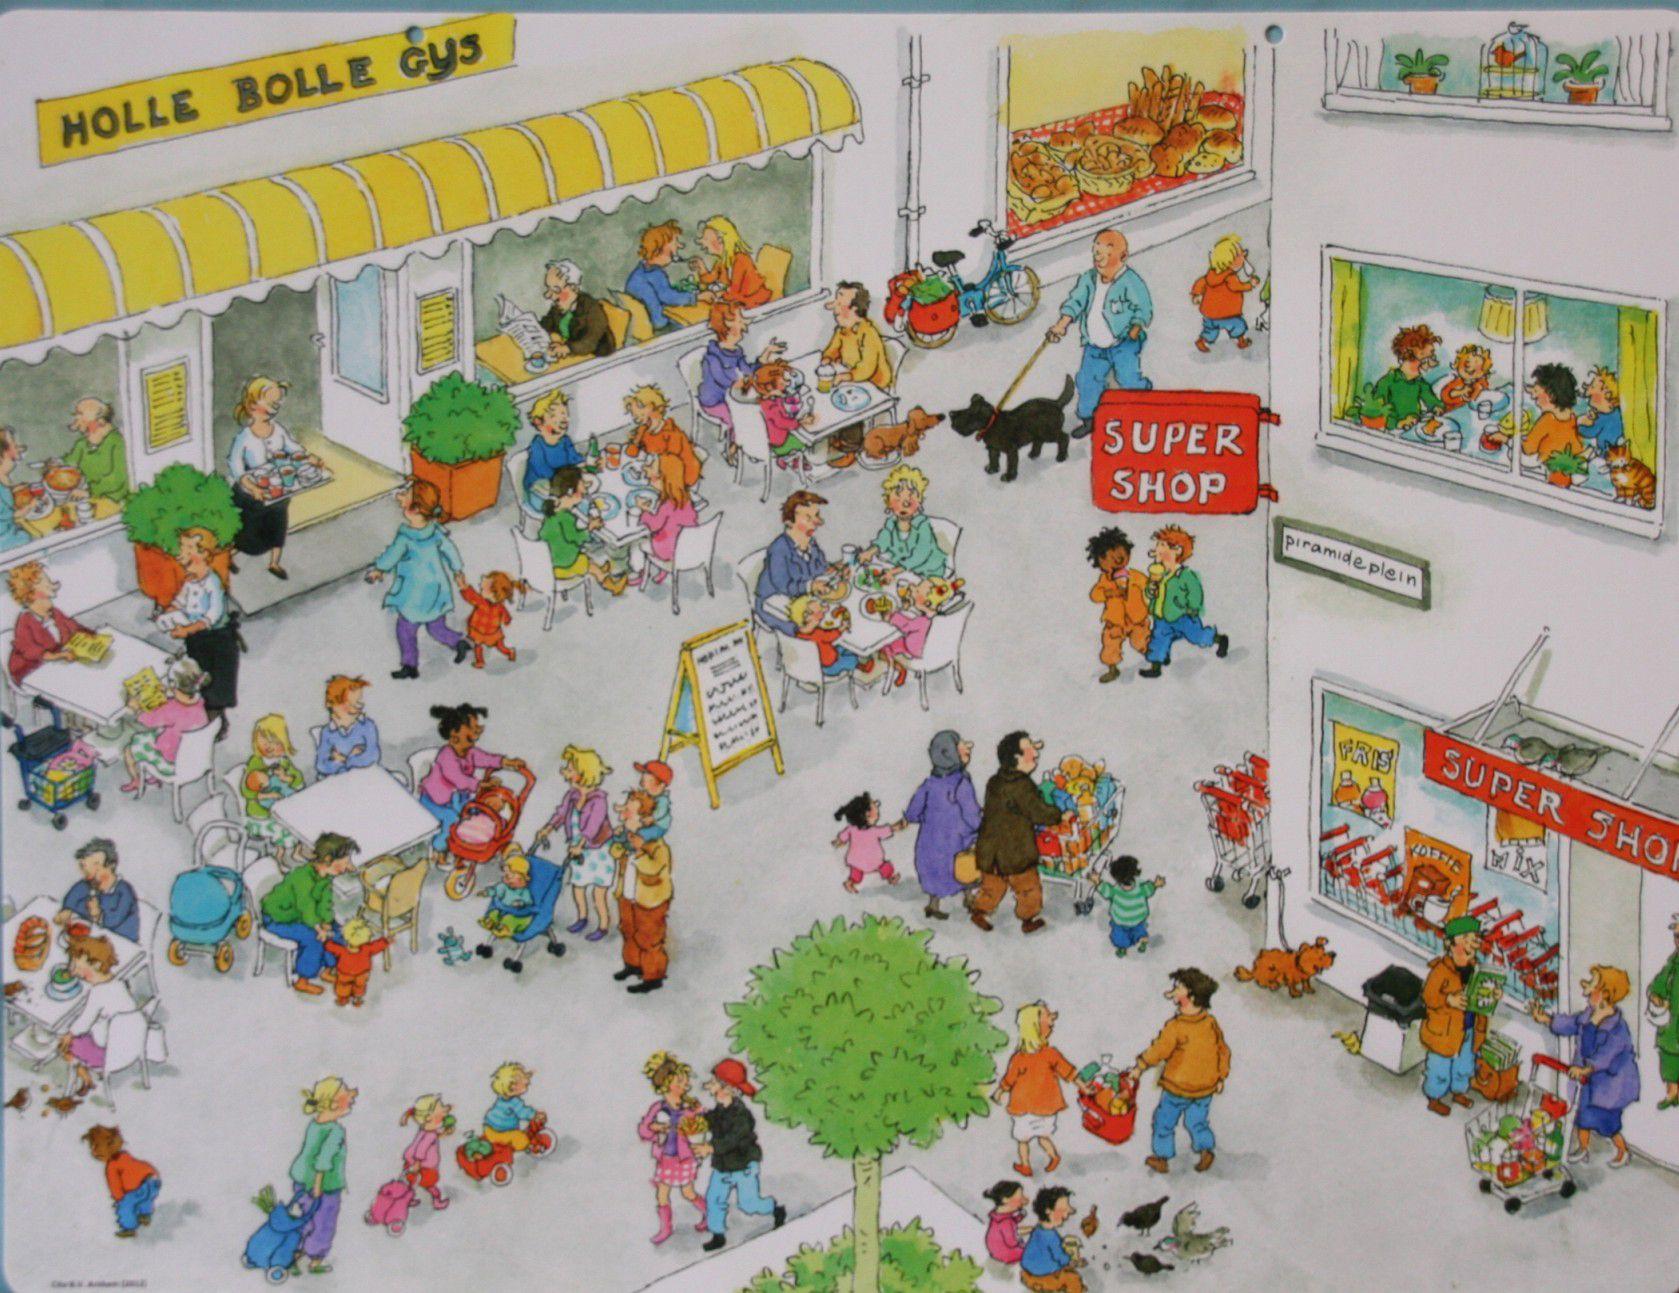 www.bleijerheide.nl praatplaten themaplaat03.jpg